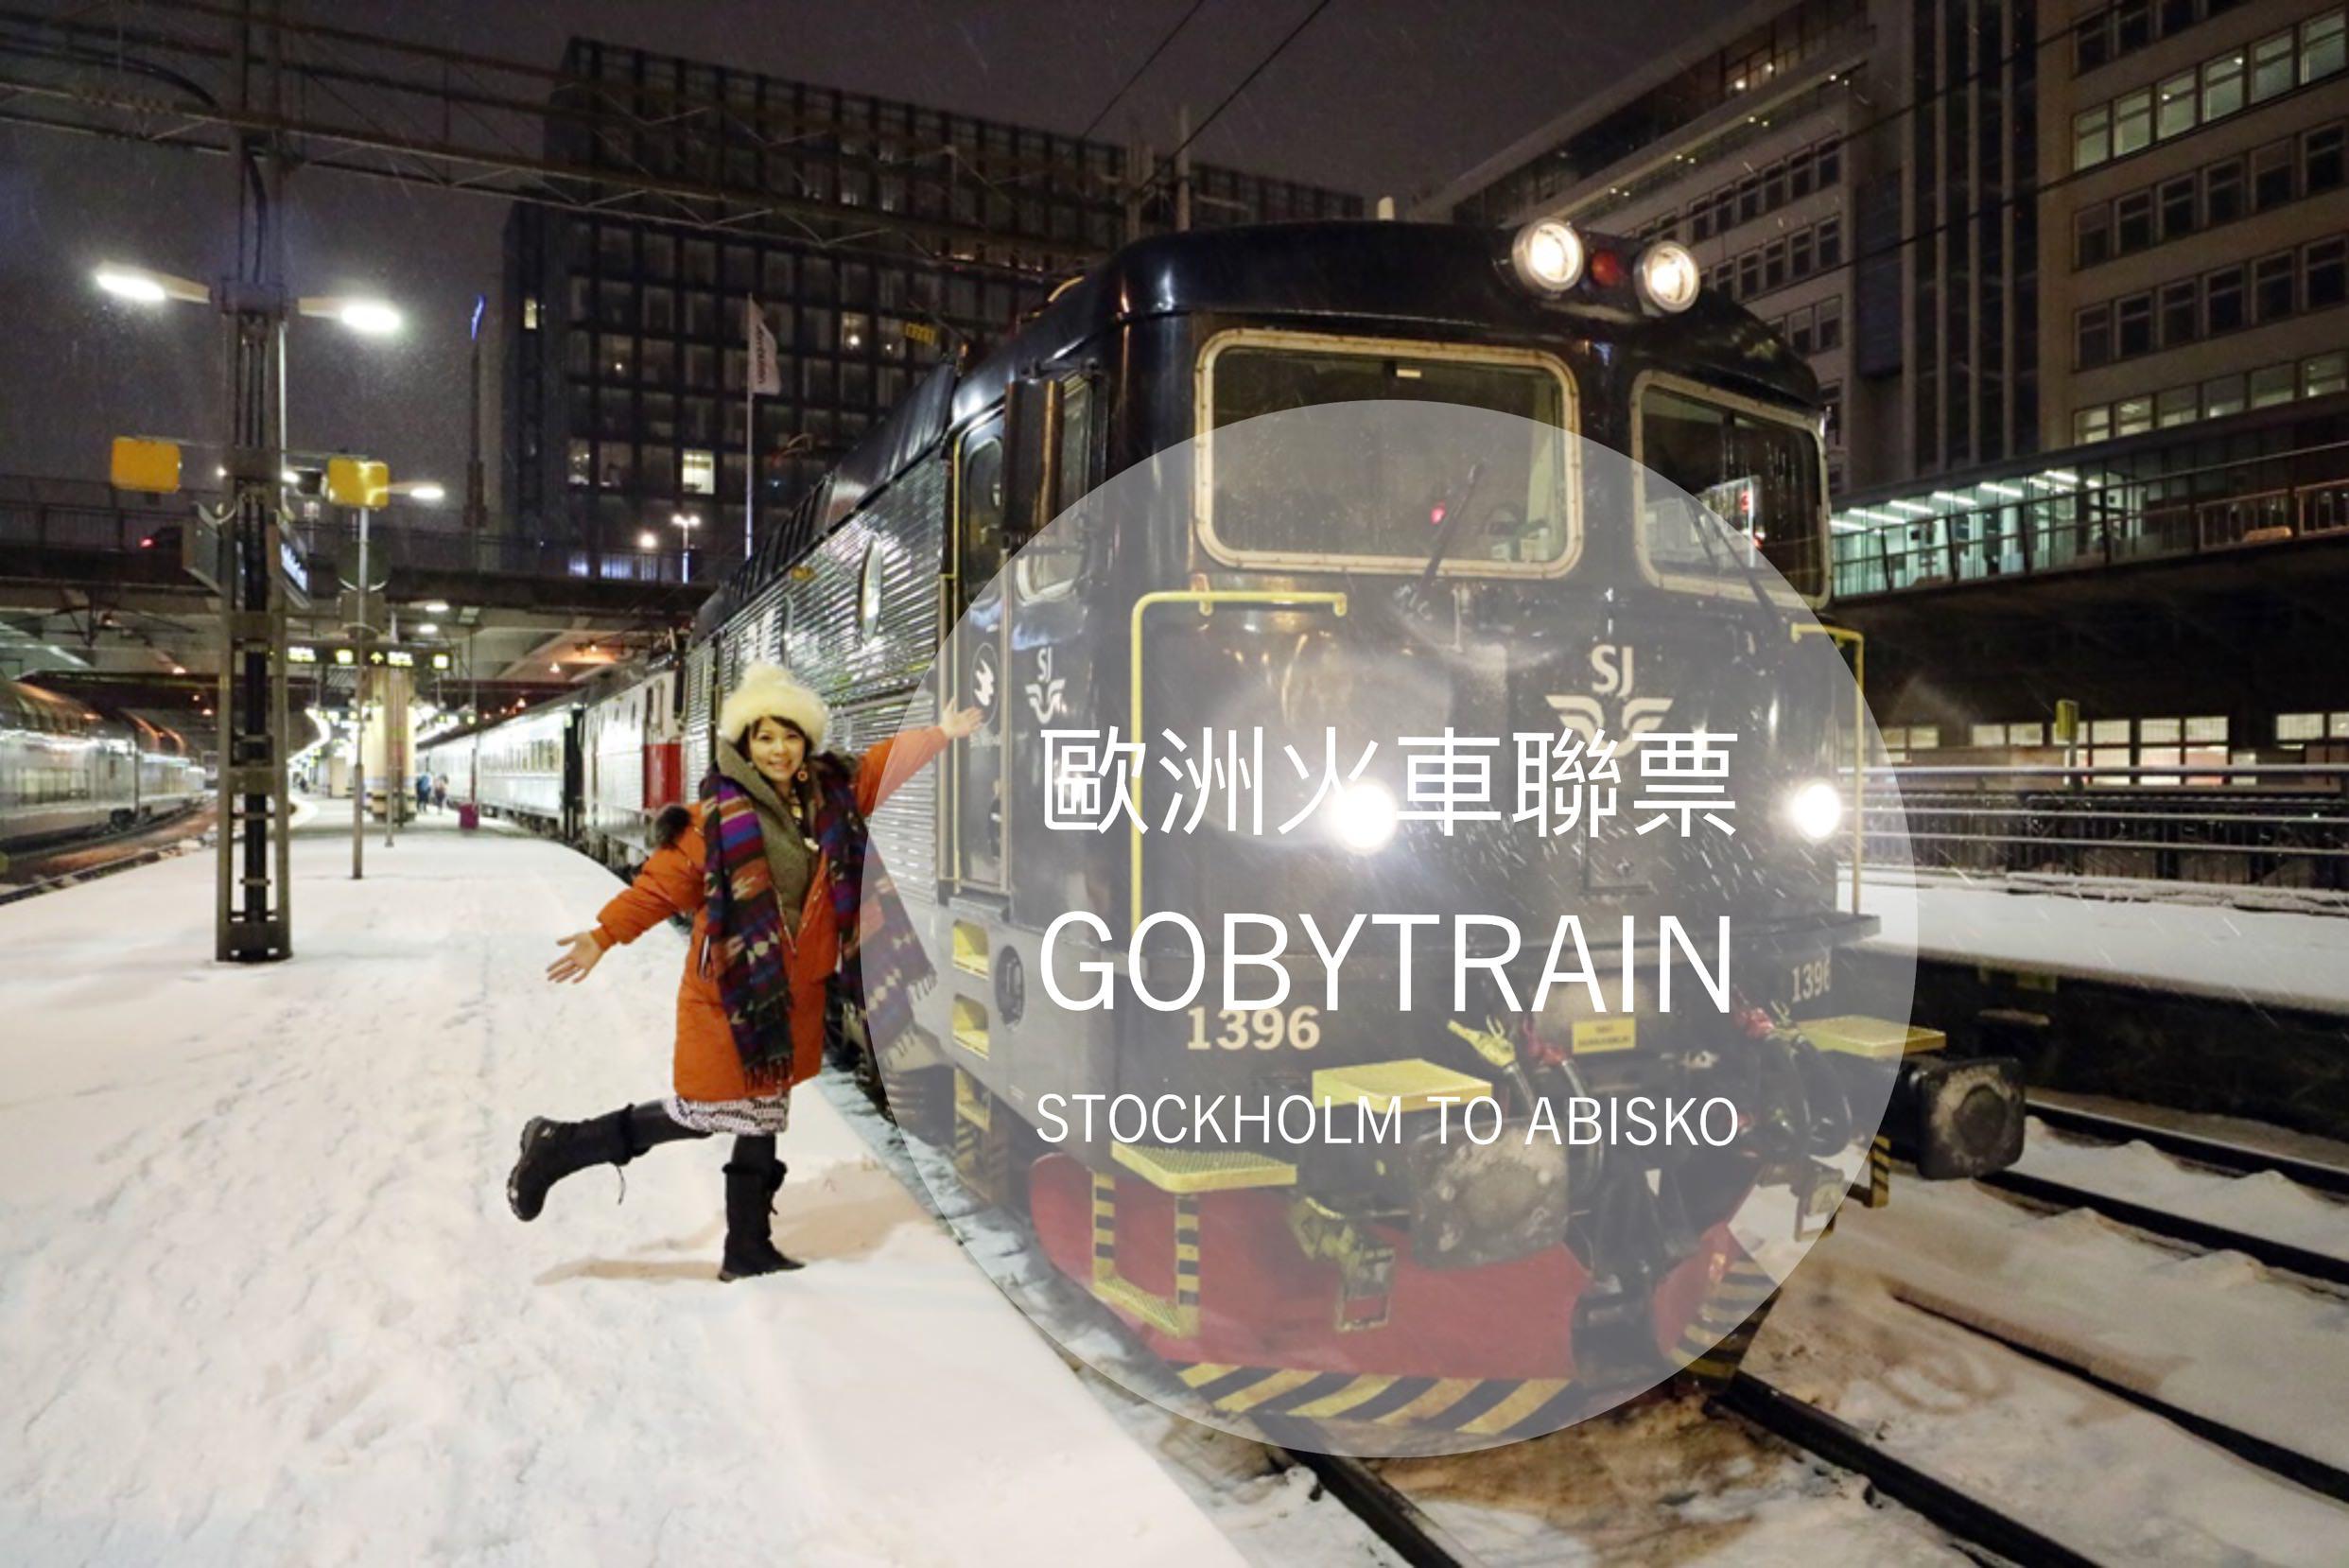 瑞典北歐火車旅行🔸搭乘北極特快車 前往極光小鎮  瑞典Stockholm To Abisko